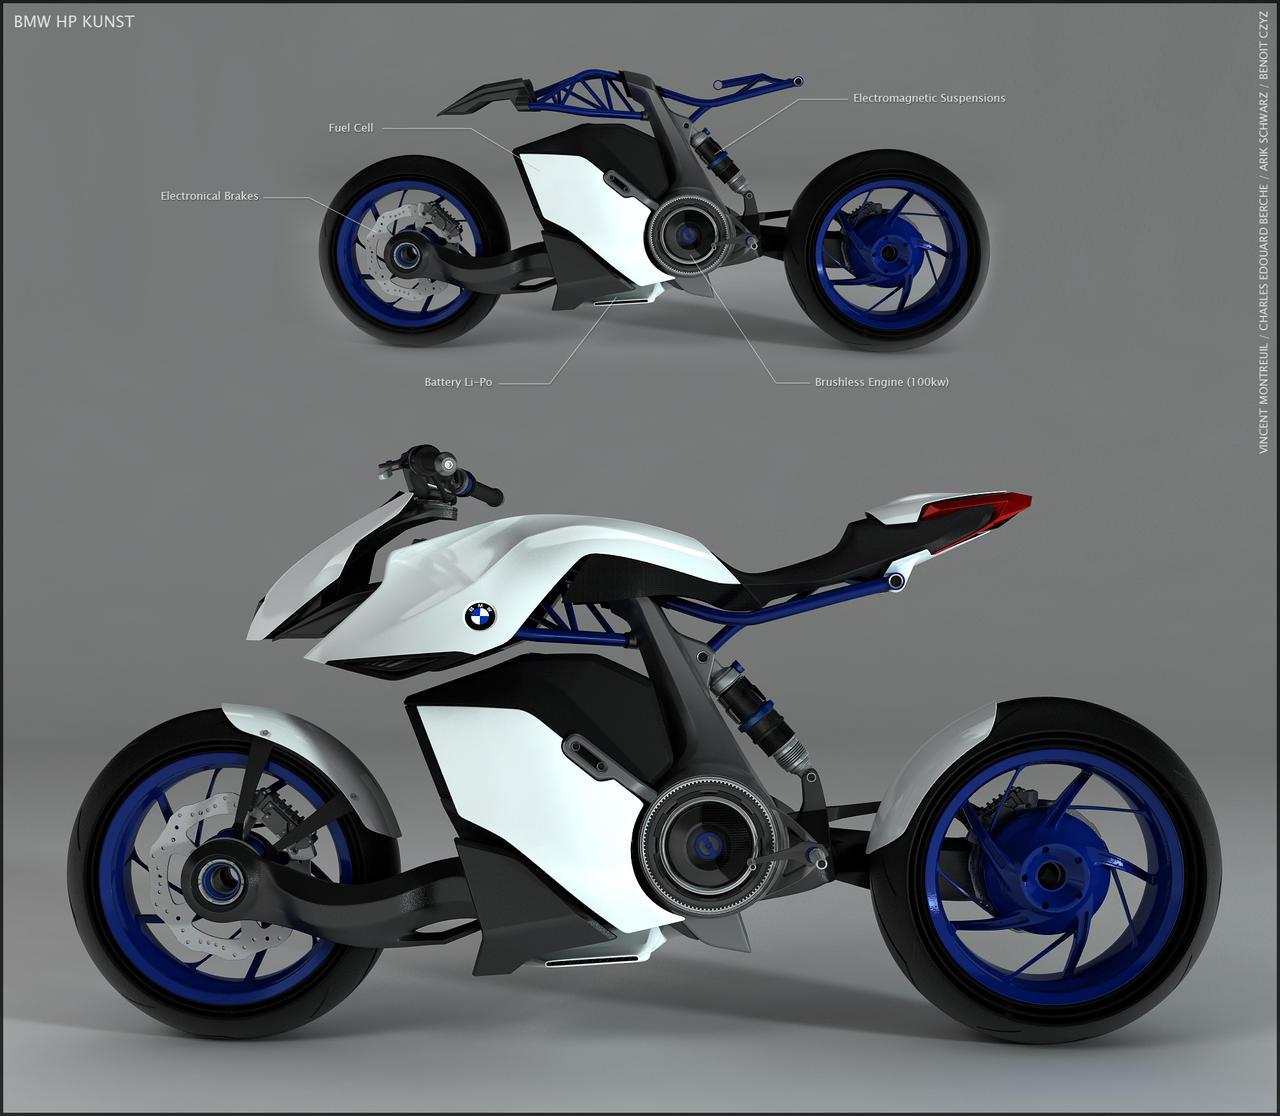 BMW HP KUNST  SideTechnic by VincentMontreuil on DeviantArt